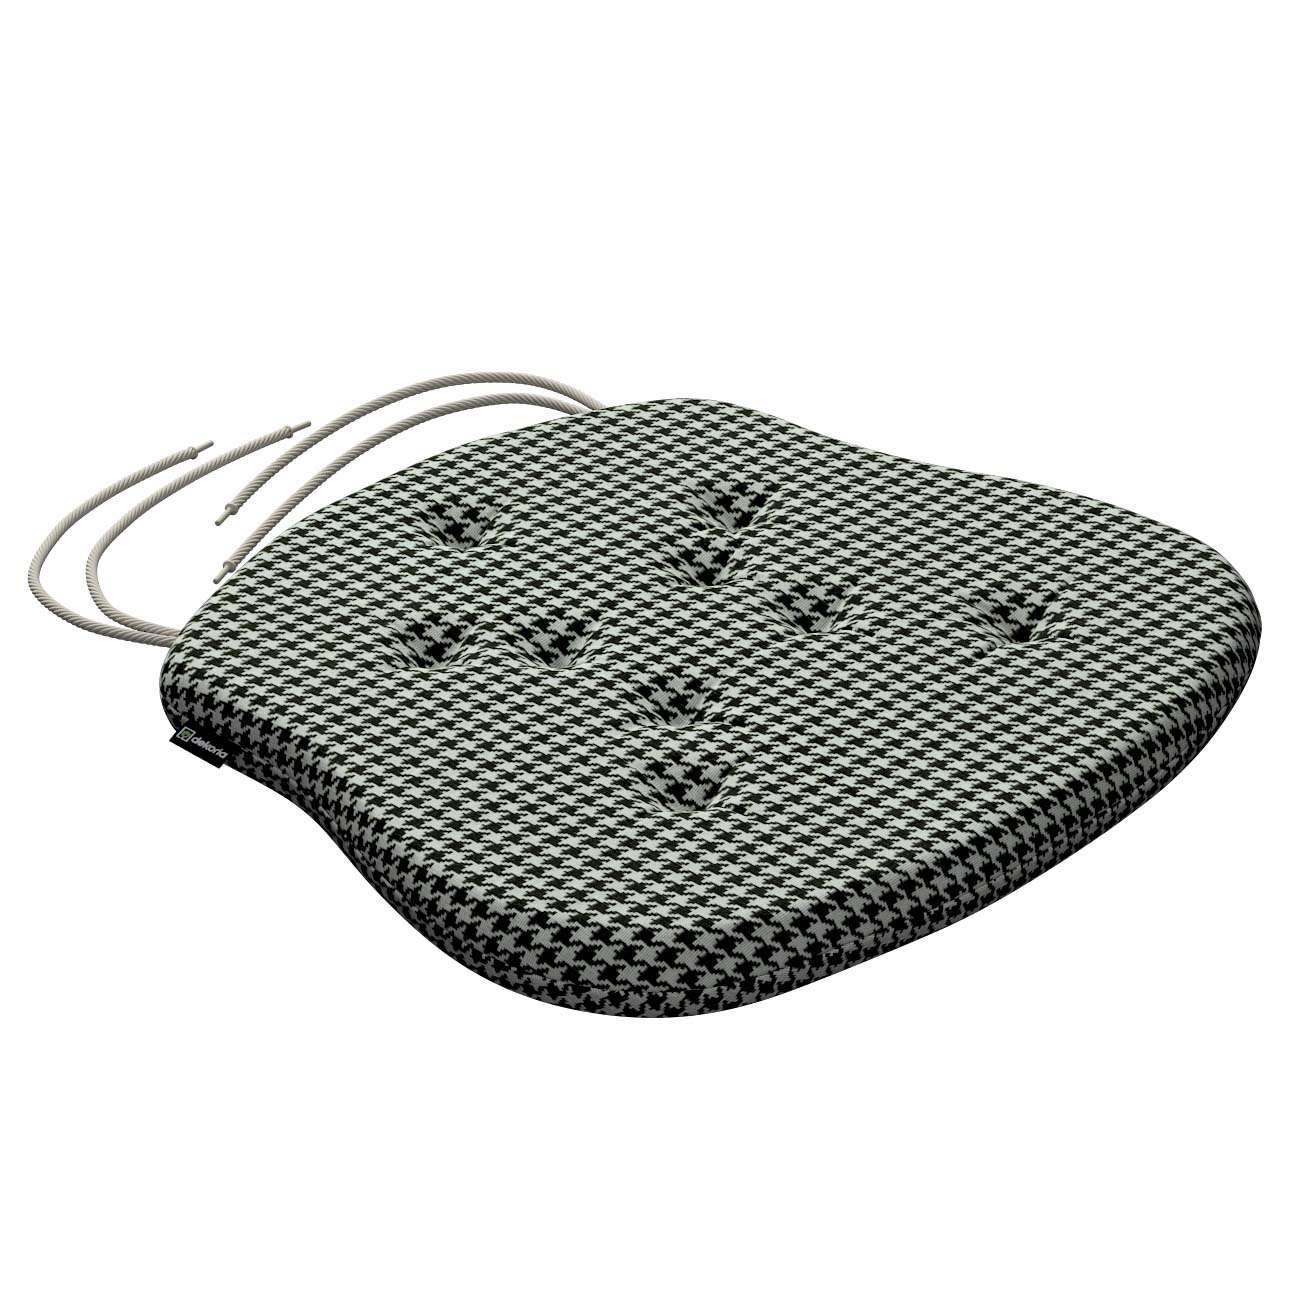 Siedzisko Filip na krzesło w kolekcji Black & White, tkanina: 142-77